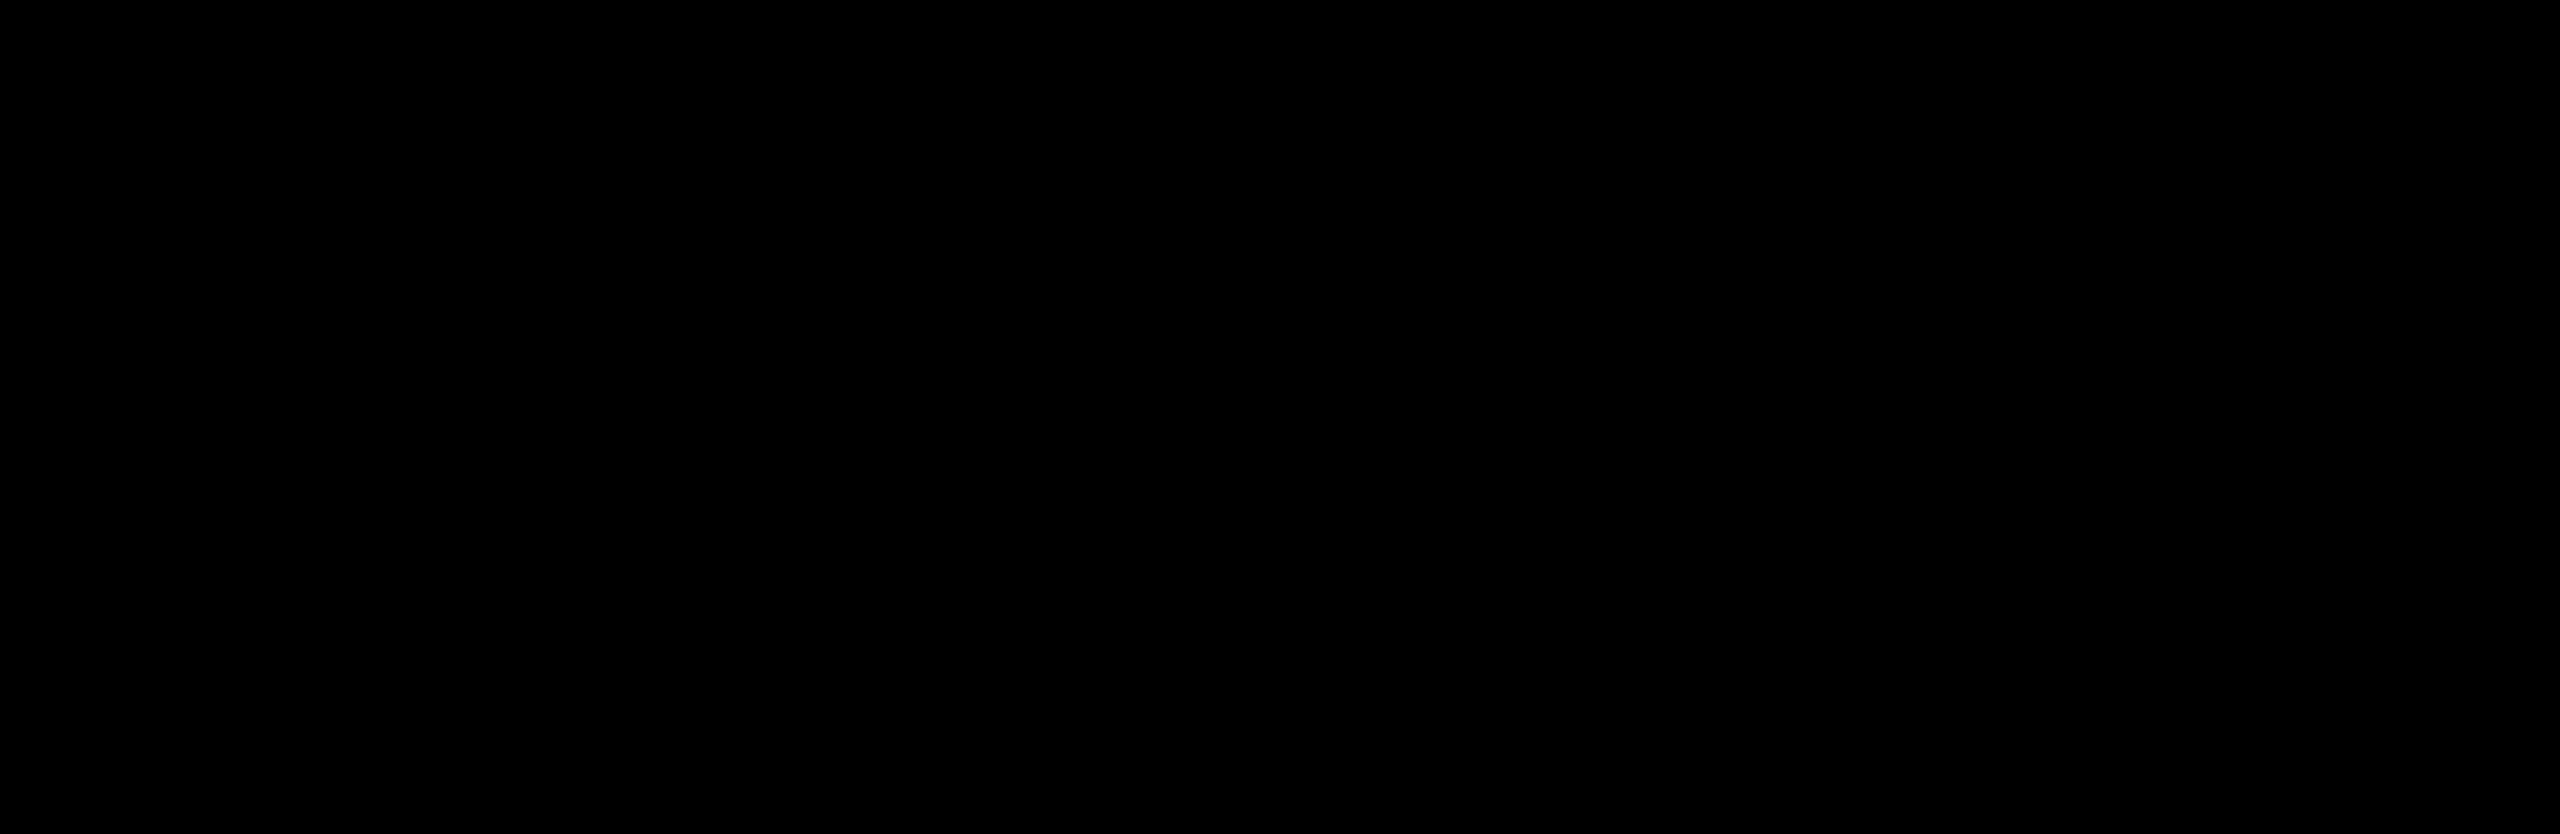 heat-exchanges-condensers